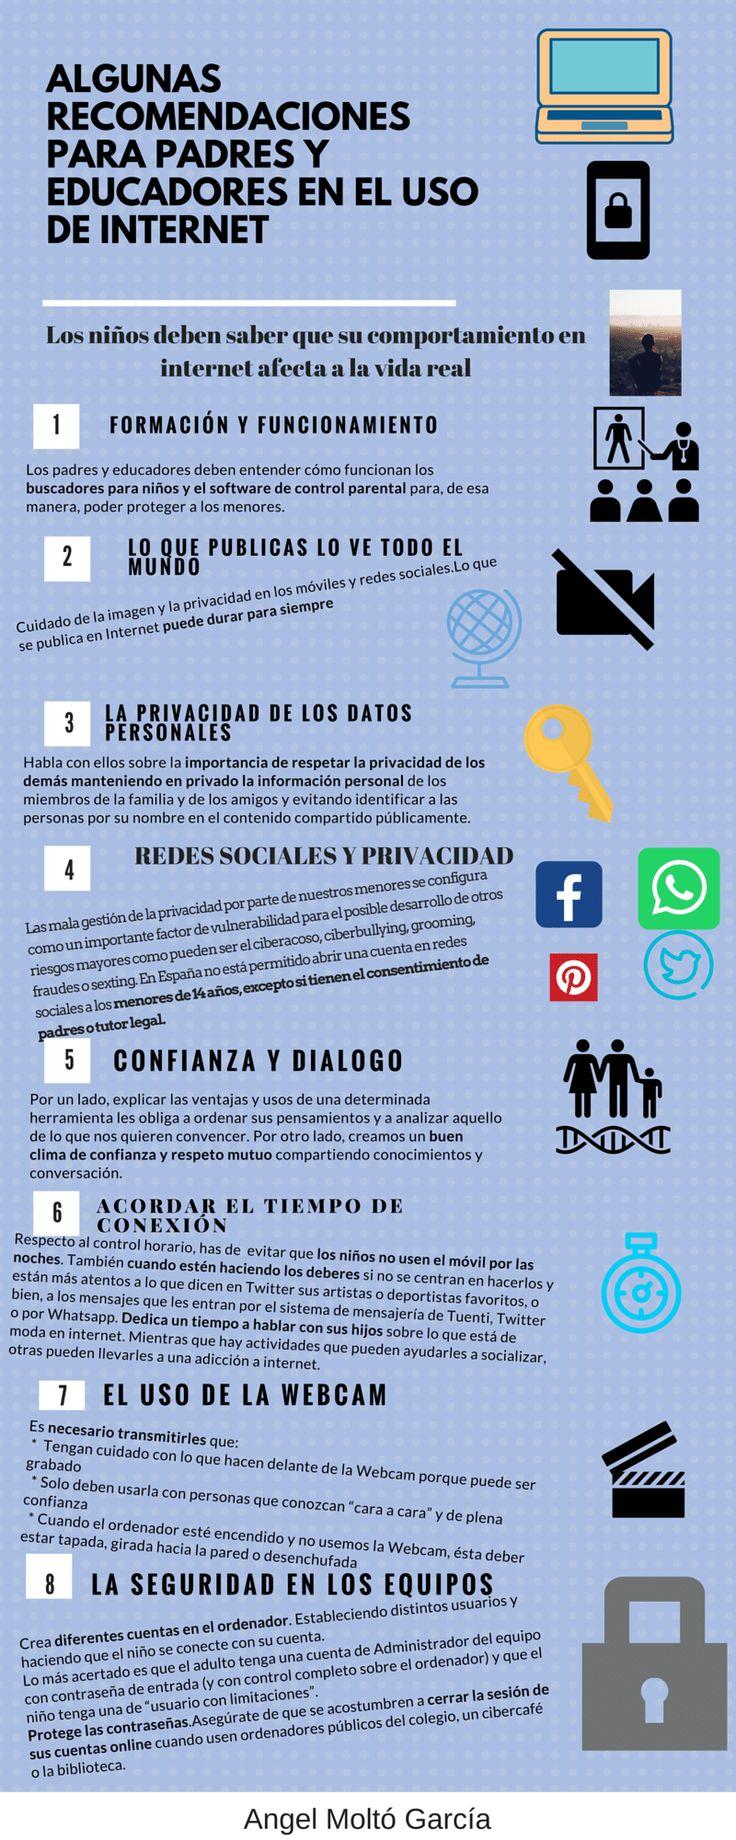 Algunas Recomendaciones para padres y educadores en el uso de internet Los niños deben saber que su comportamiento en internet afecta a la vida real de Ángel Moltó García para #Protegeteenred